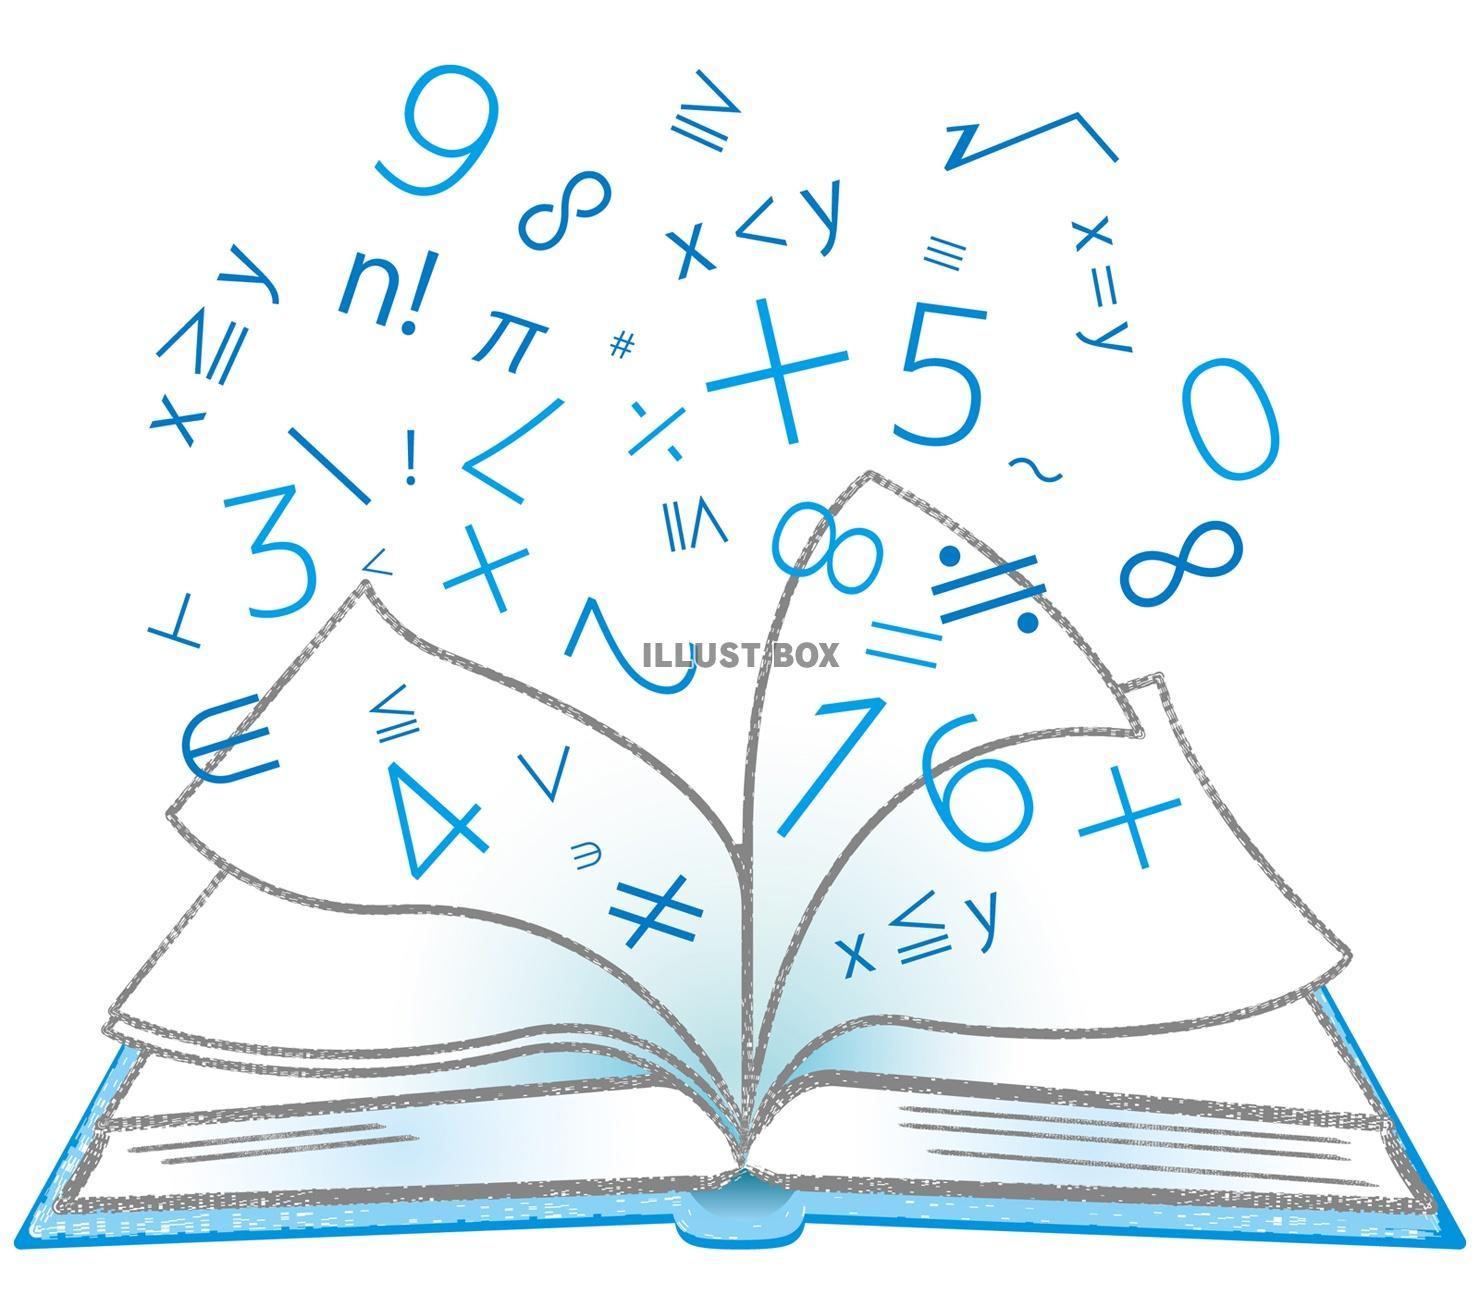 無料イラスト 算数数学参考書教科書開くノート数学の教科書算数の